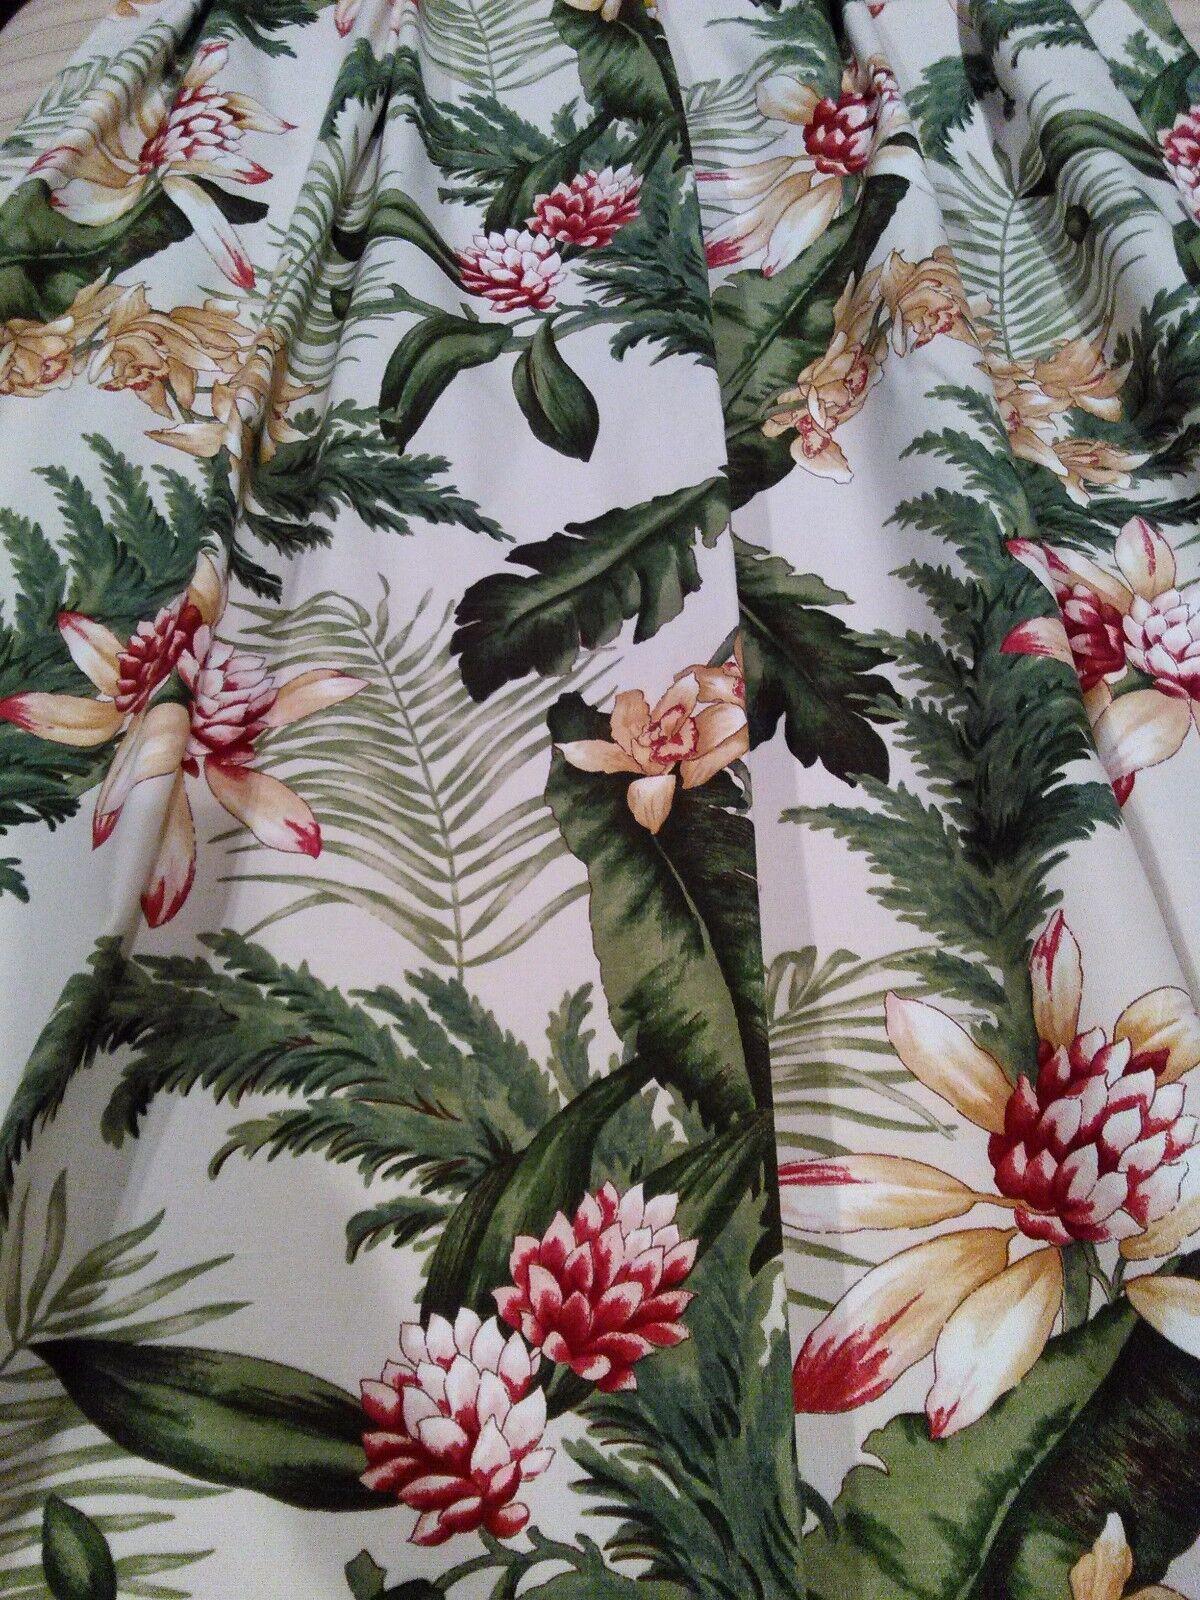 Calidad de panel personalizado Cortinas Modelo 27 x95  Palmas Floral Tropical casa una